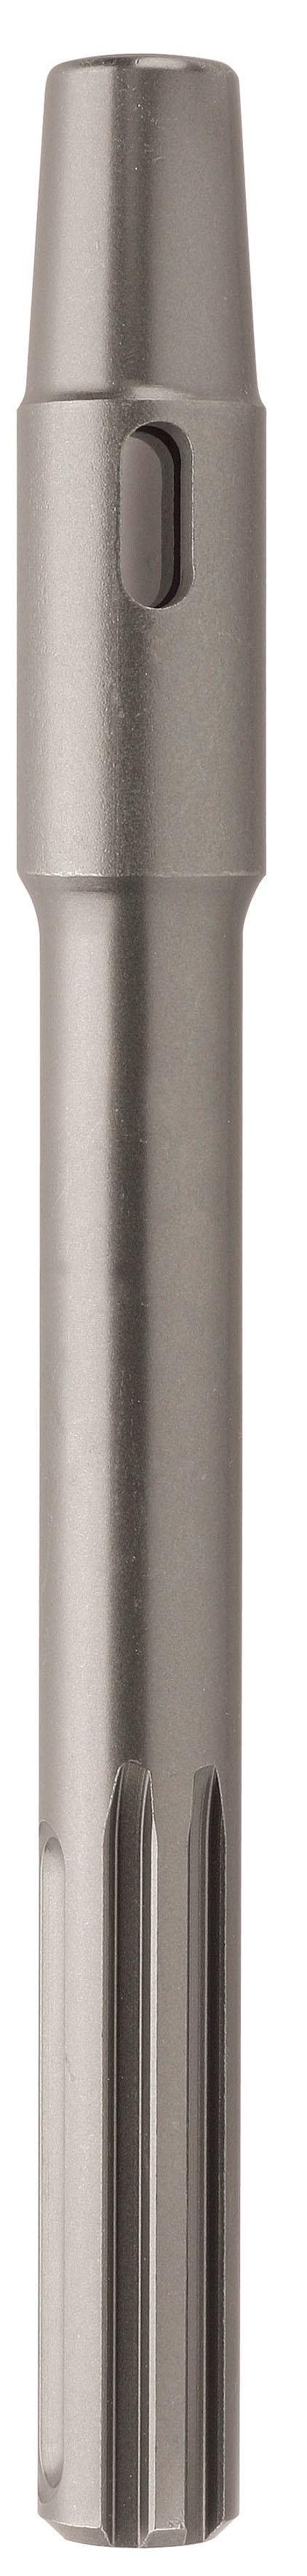 Perçage Trépan carbure Pro Accessoires trépan carbure Pro SDS-max - 330.jpg